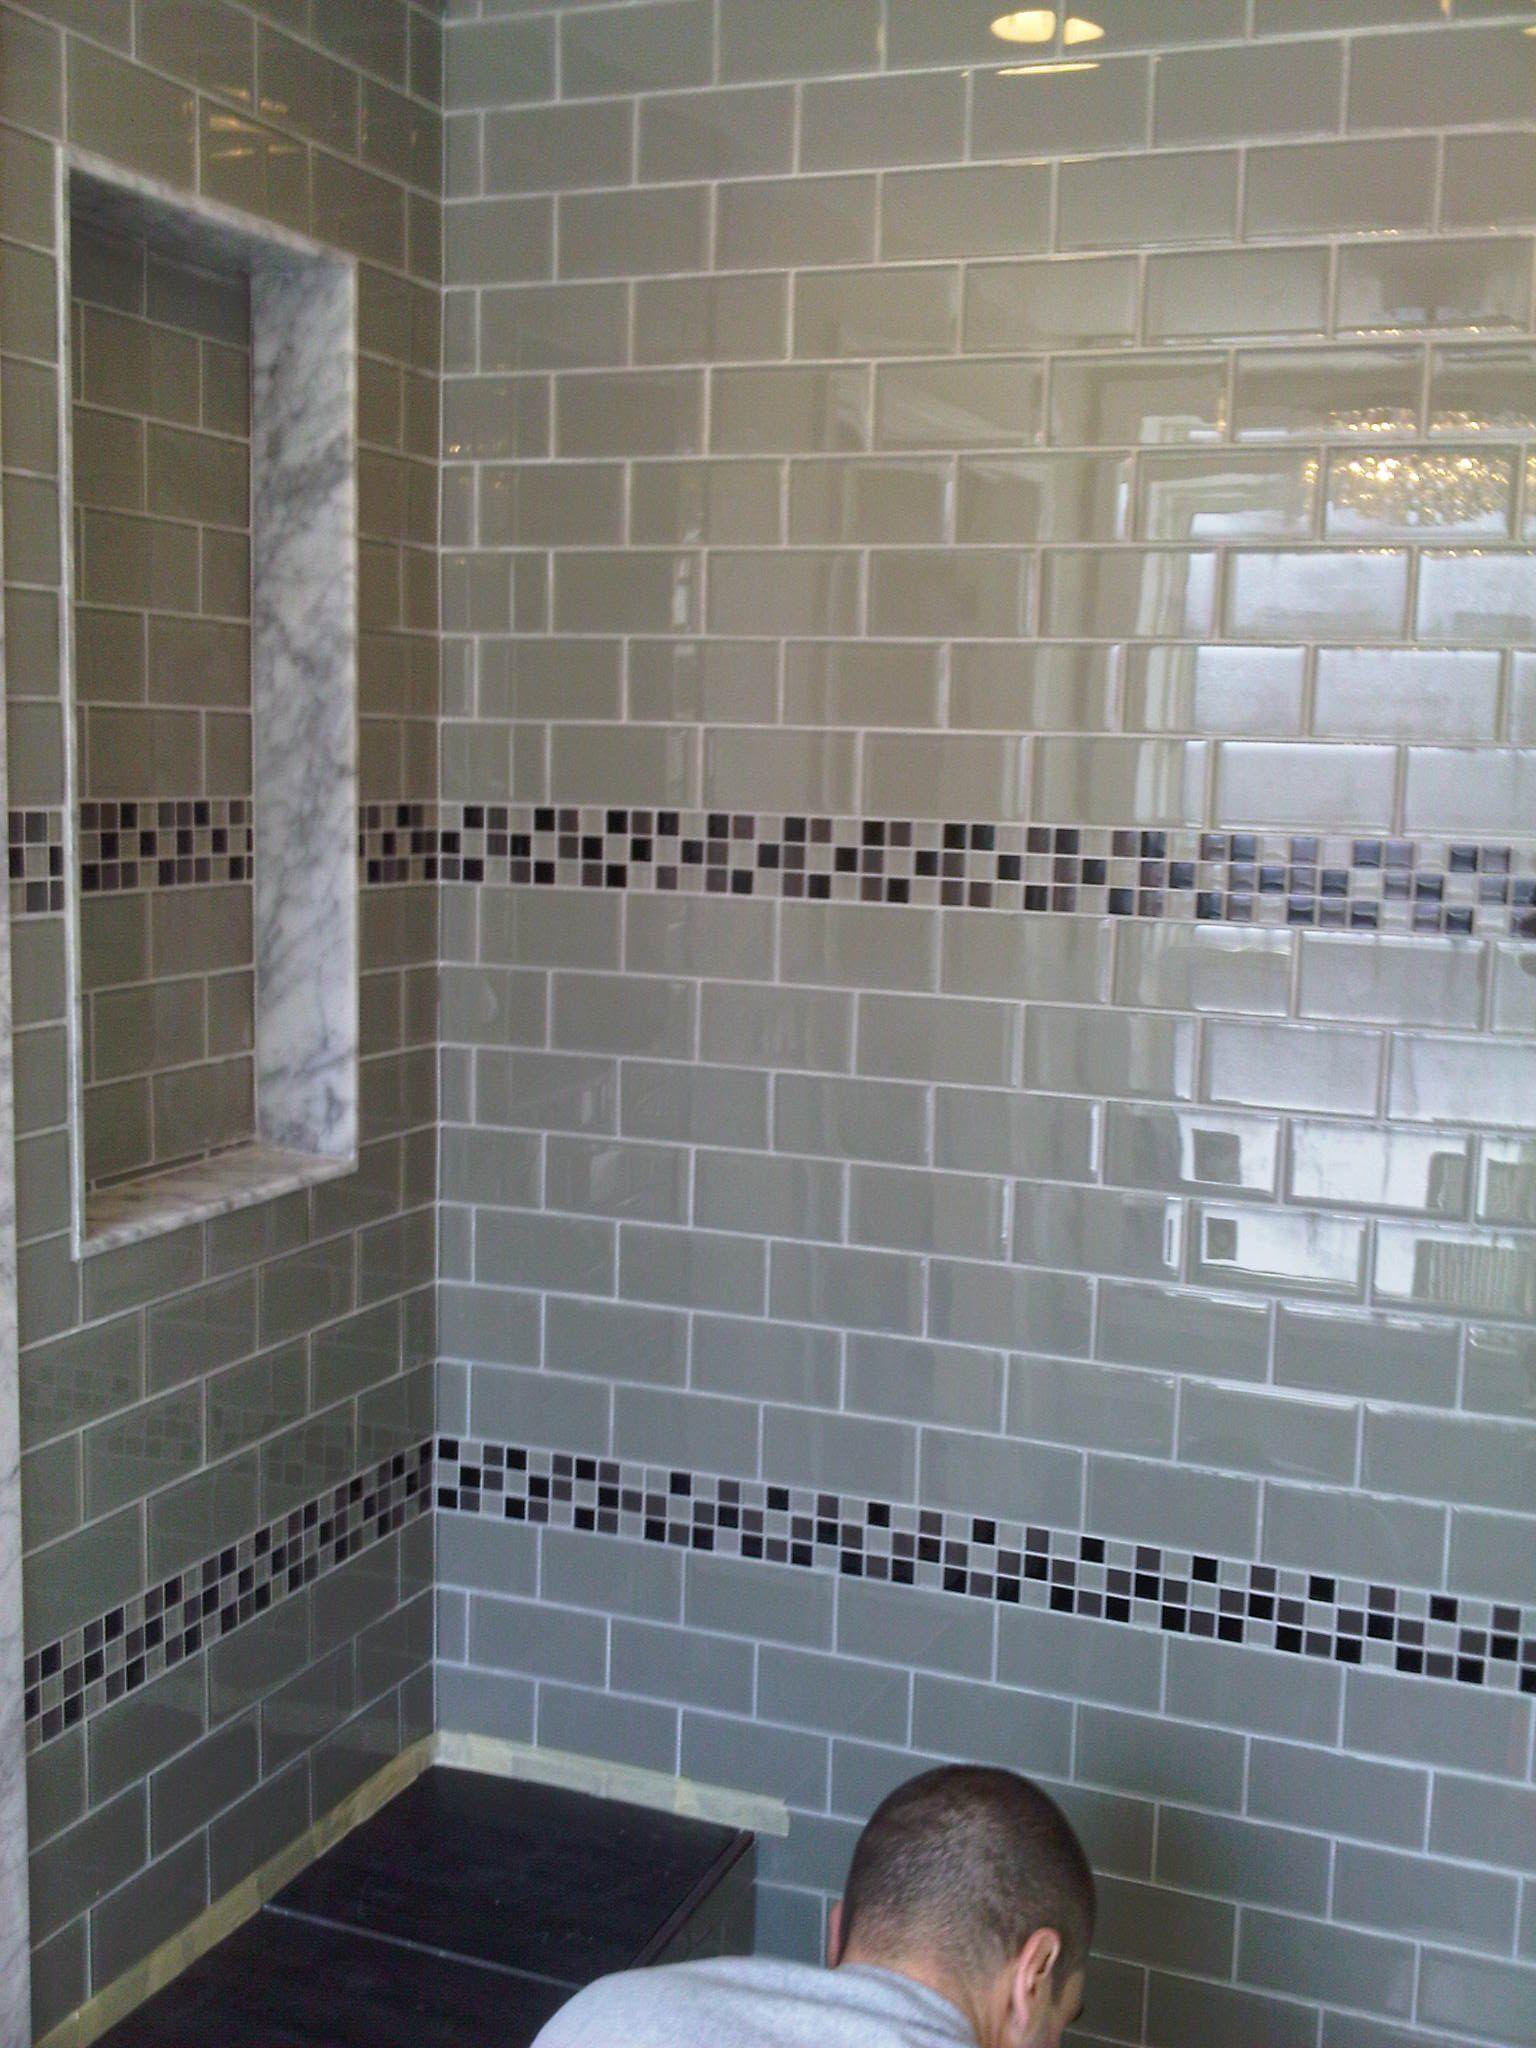 Glass Wall Tiles For Bathroom